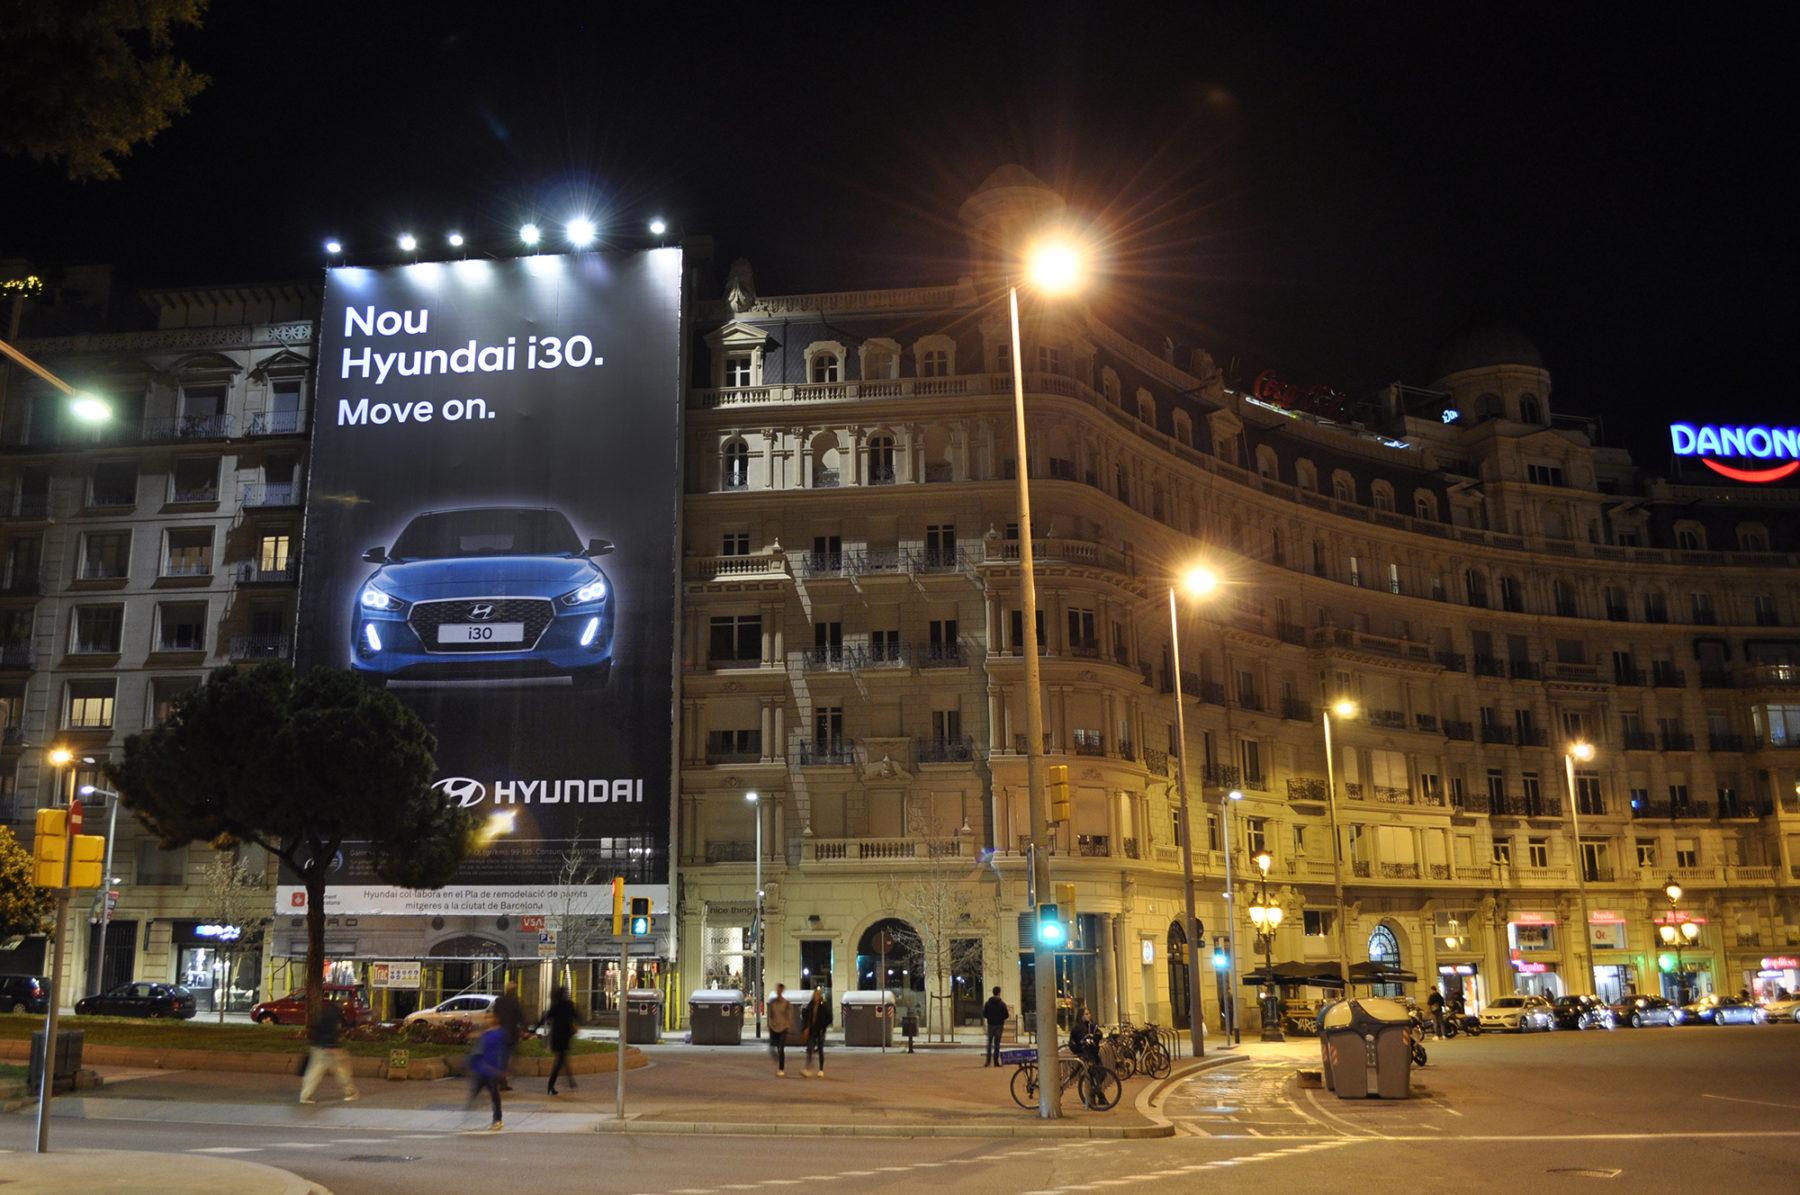 hyundai | barcelona | @sundisa_impresion